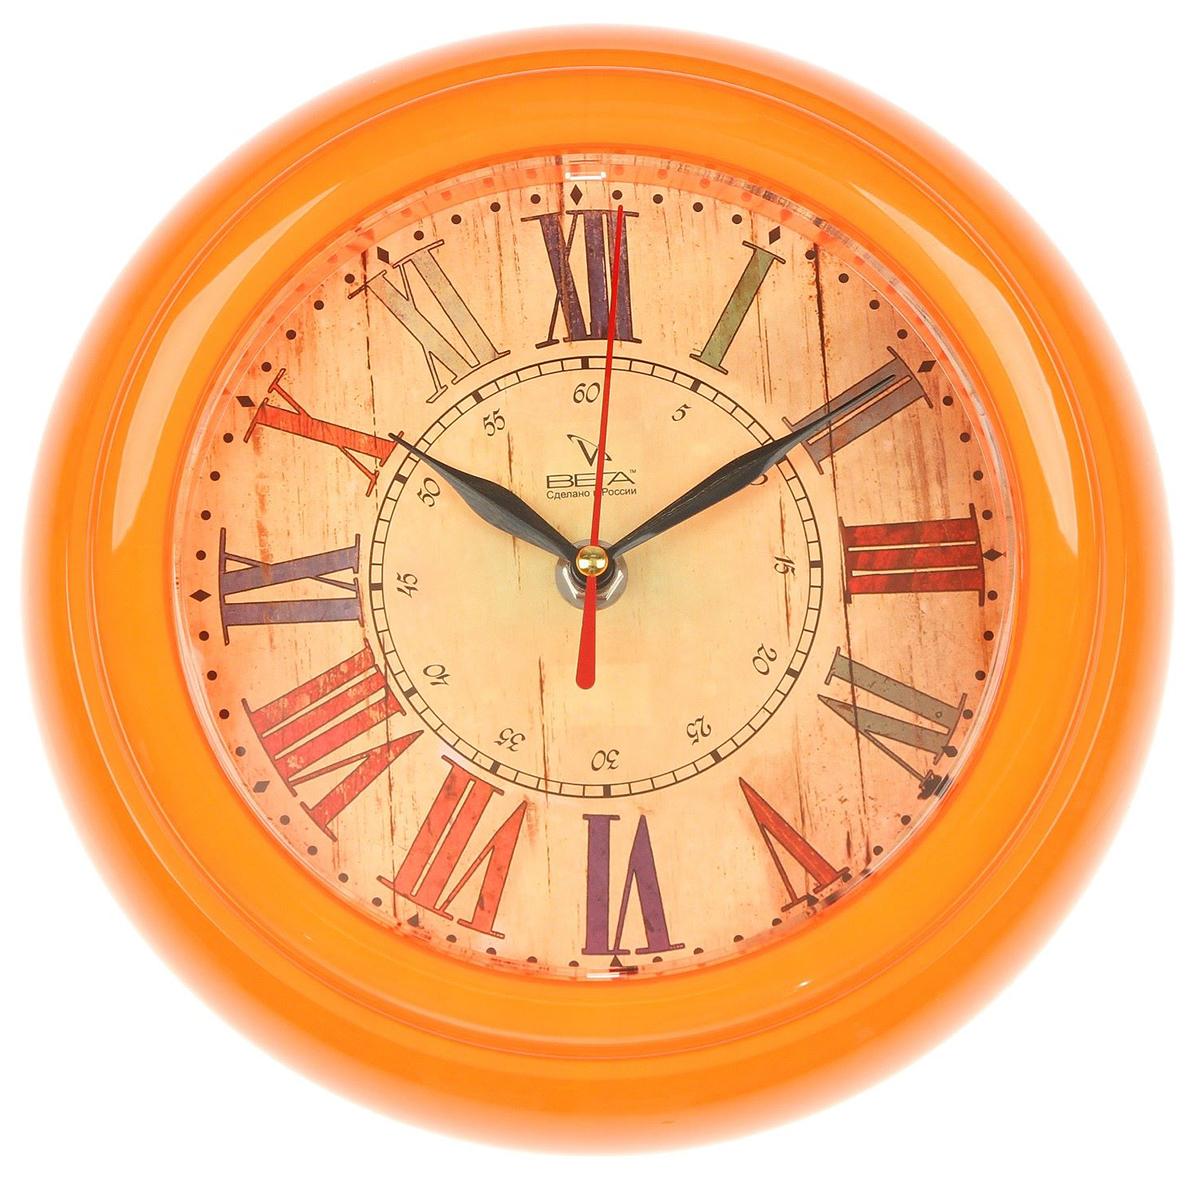 Часы настенные Вега Ретро, диаметр 22 см2633446— сувенир в полном смысле этого слова. И главная его задача — хранить воспоминание о месте, где вы побывали, или о том человеке, который подарил данный предмет. Преподнесите эту вещь своему другу, и она станет достойным украшением его дома. Каждому хозяину периодически приходит мысль обновить свою квартиру, сделать ремонт, перестановку или кардинально поменять внешний вид каждой комнаты. — привлекательная деталь, которая поможет воплотить вашу интерьерную идею, создать неповторимую атмосферу в вашем доме. Окружите себя приятными мелочами, пусть они радуют глаз и дарят гармонию.Часы настенные круглые Ретро, оранжевый обод, 22х22 см 2633446